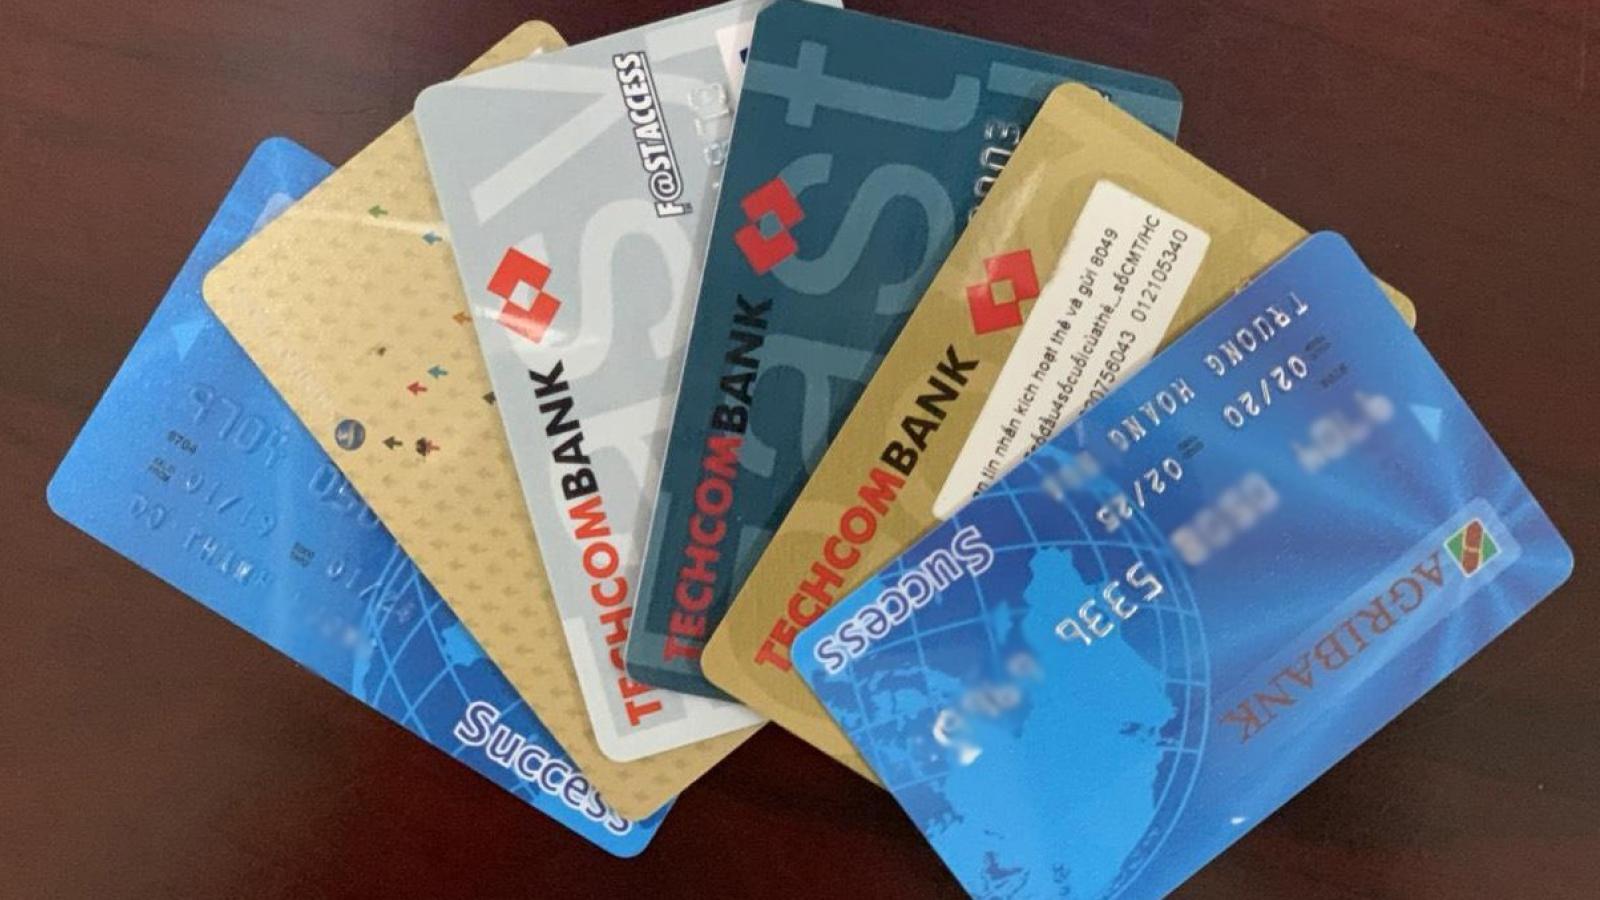 Thủ đoạn mới: Giả nhân viên ngân hàng lừa mở thẻ tín dụng miễn lãi